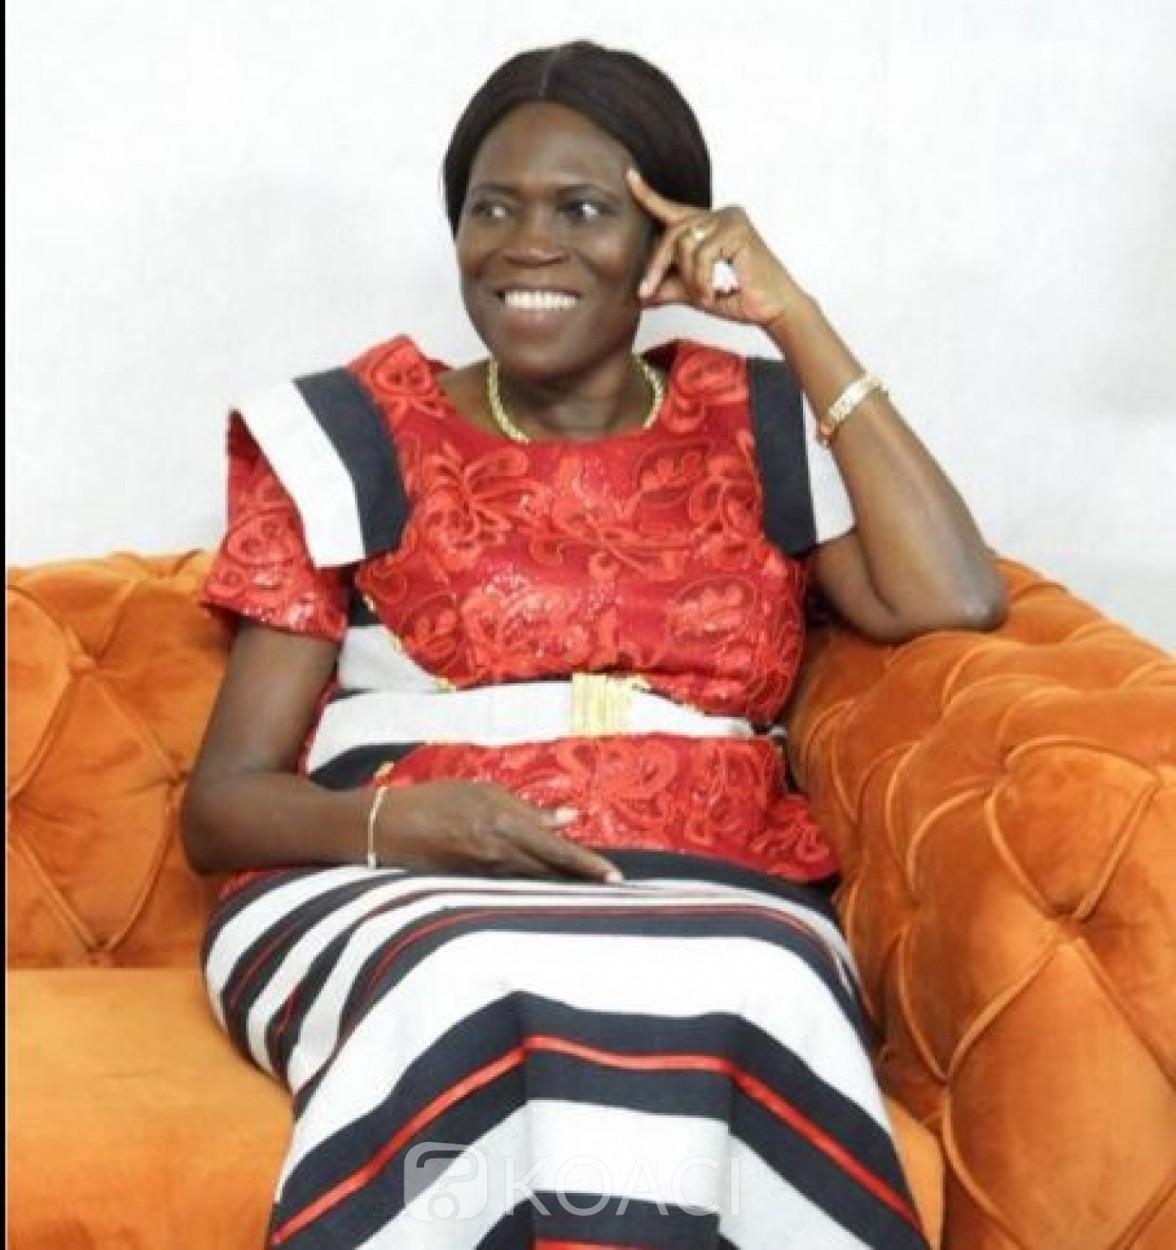 Côte d'Ivoire : Report Sine die de la table ronde des femmes pour la paix,  le choix de   Simone Gbagbo comme marraine  poserait-il problème ?